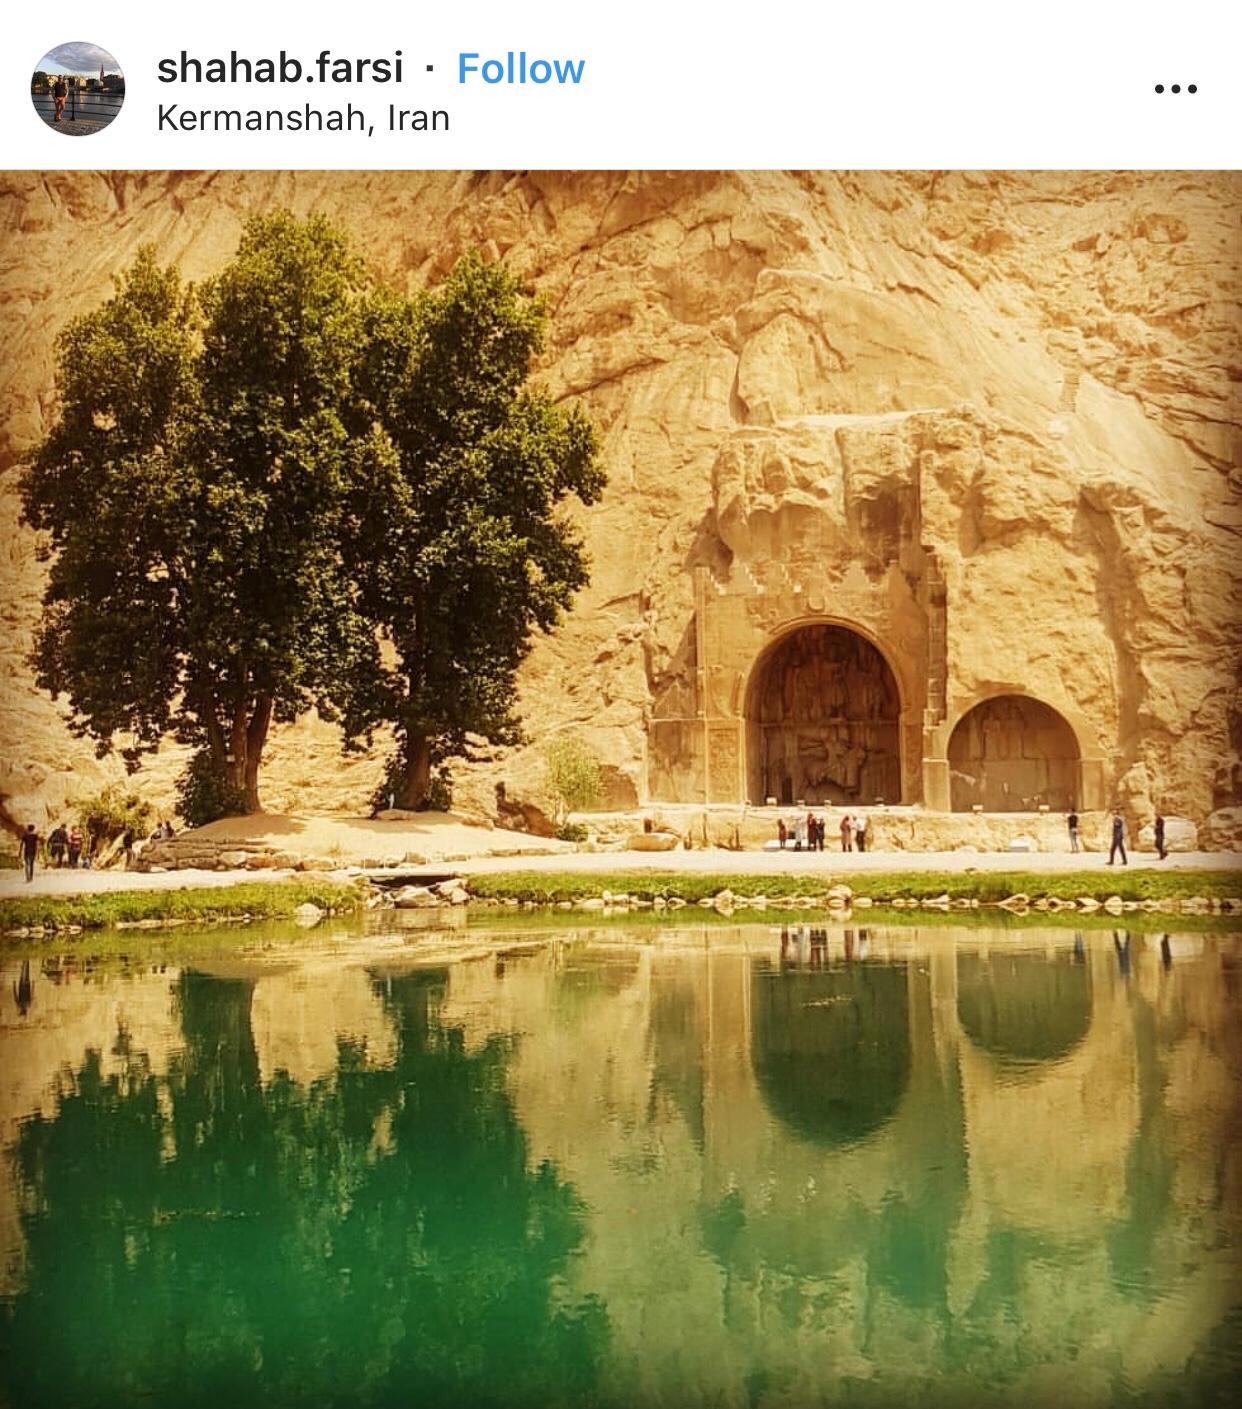 عدسة إيرانية: طاق بستان في كرمانشاه 3